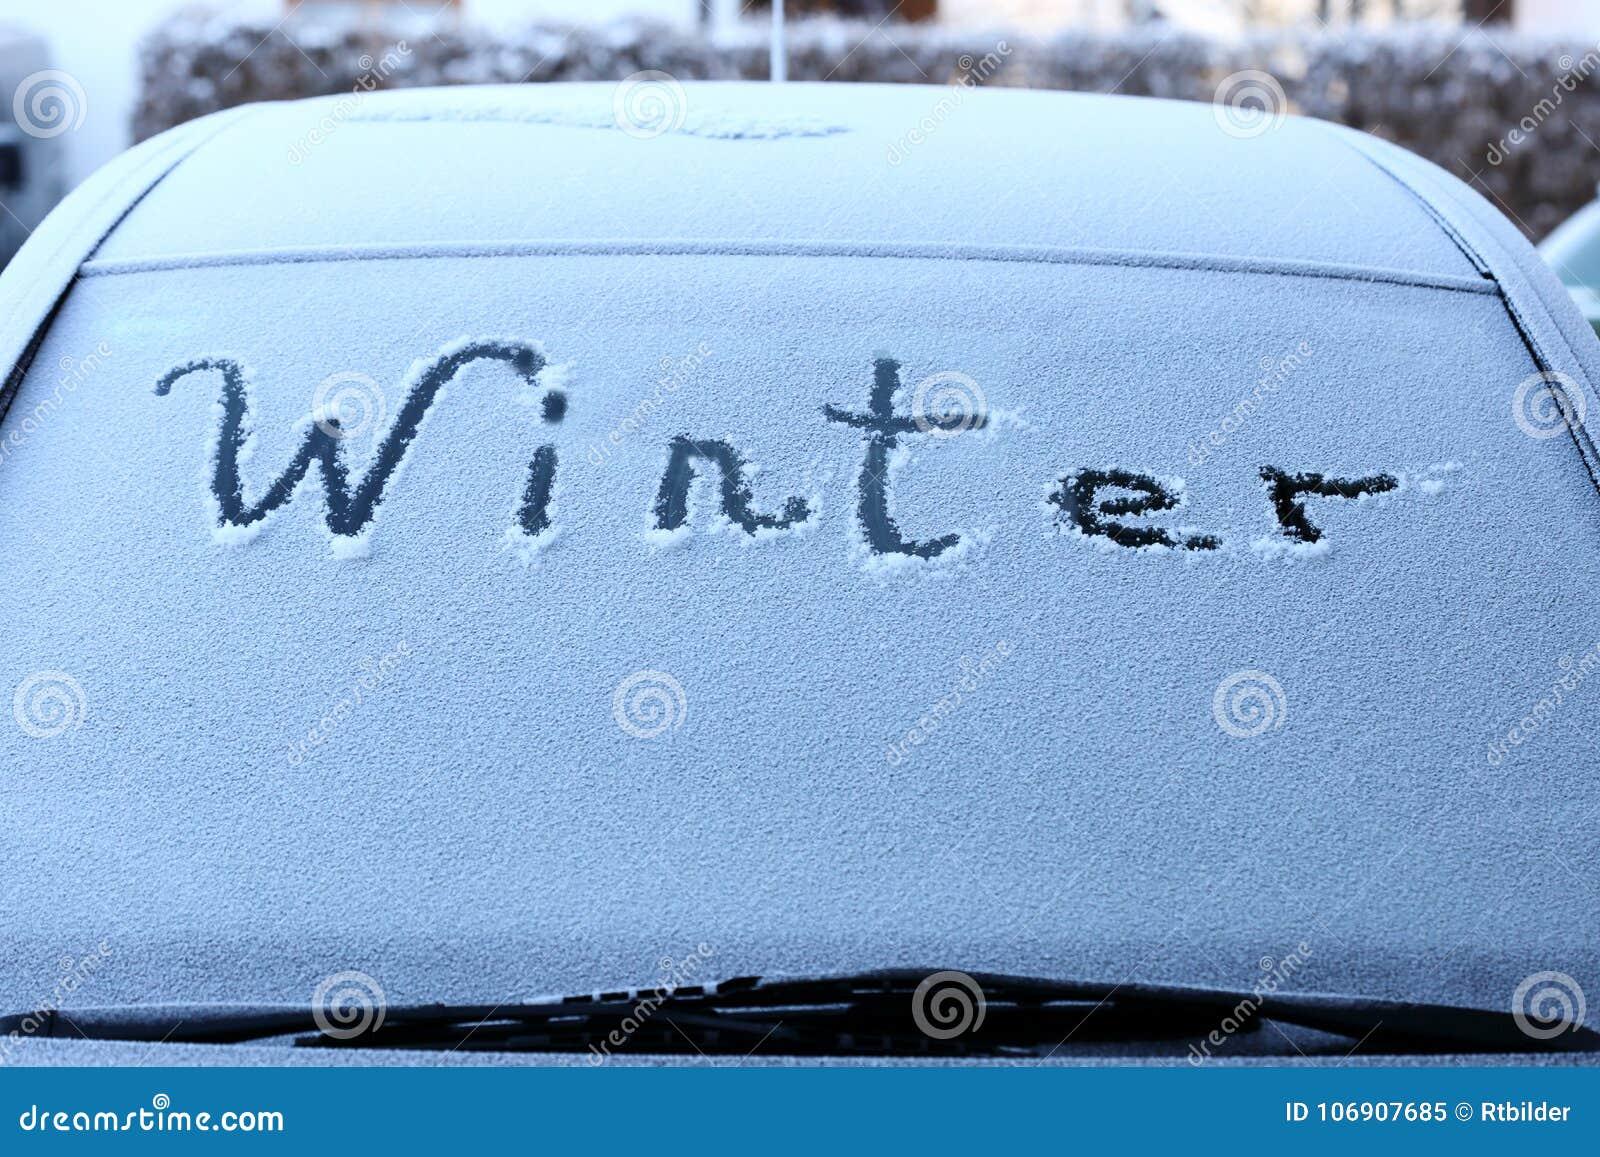 Symboliczna zima na samochodzie